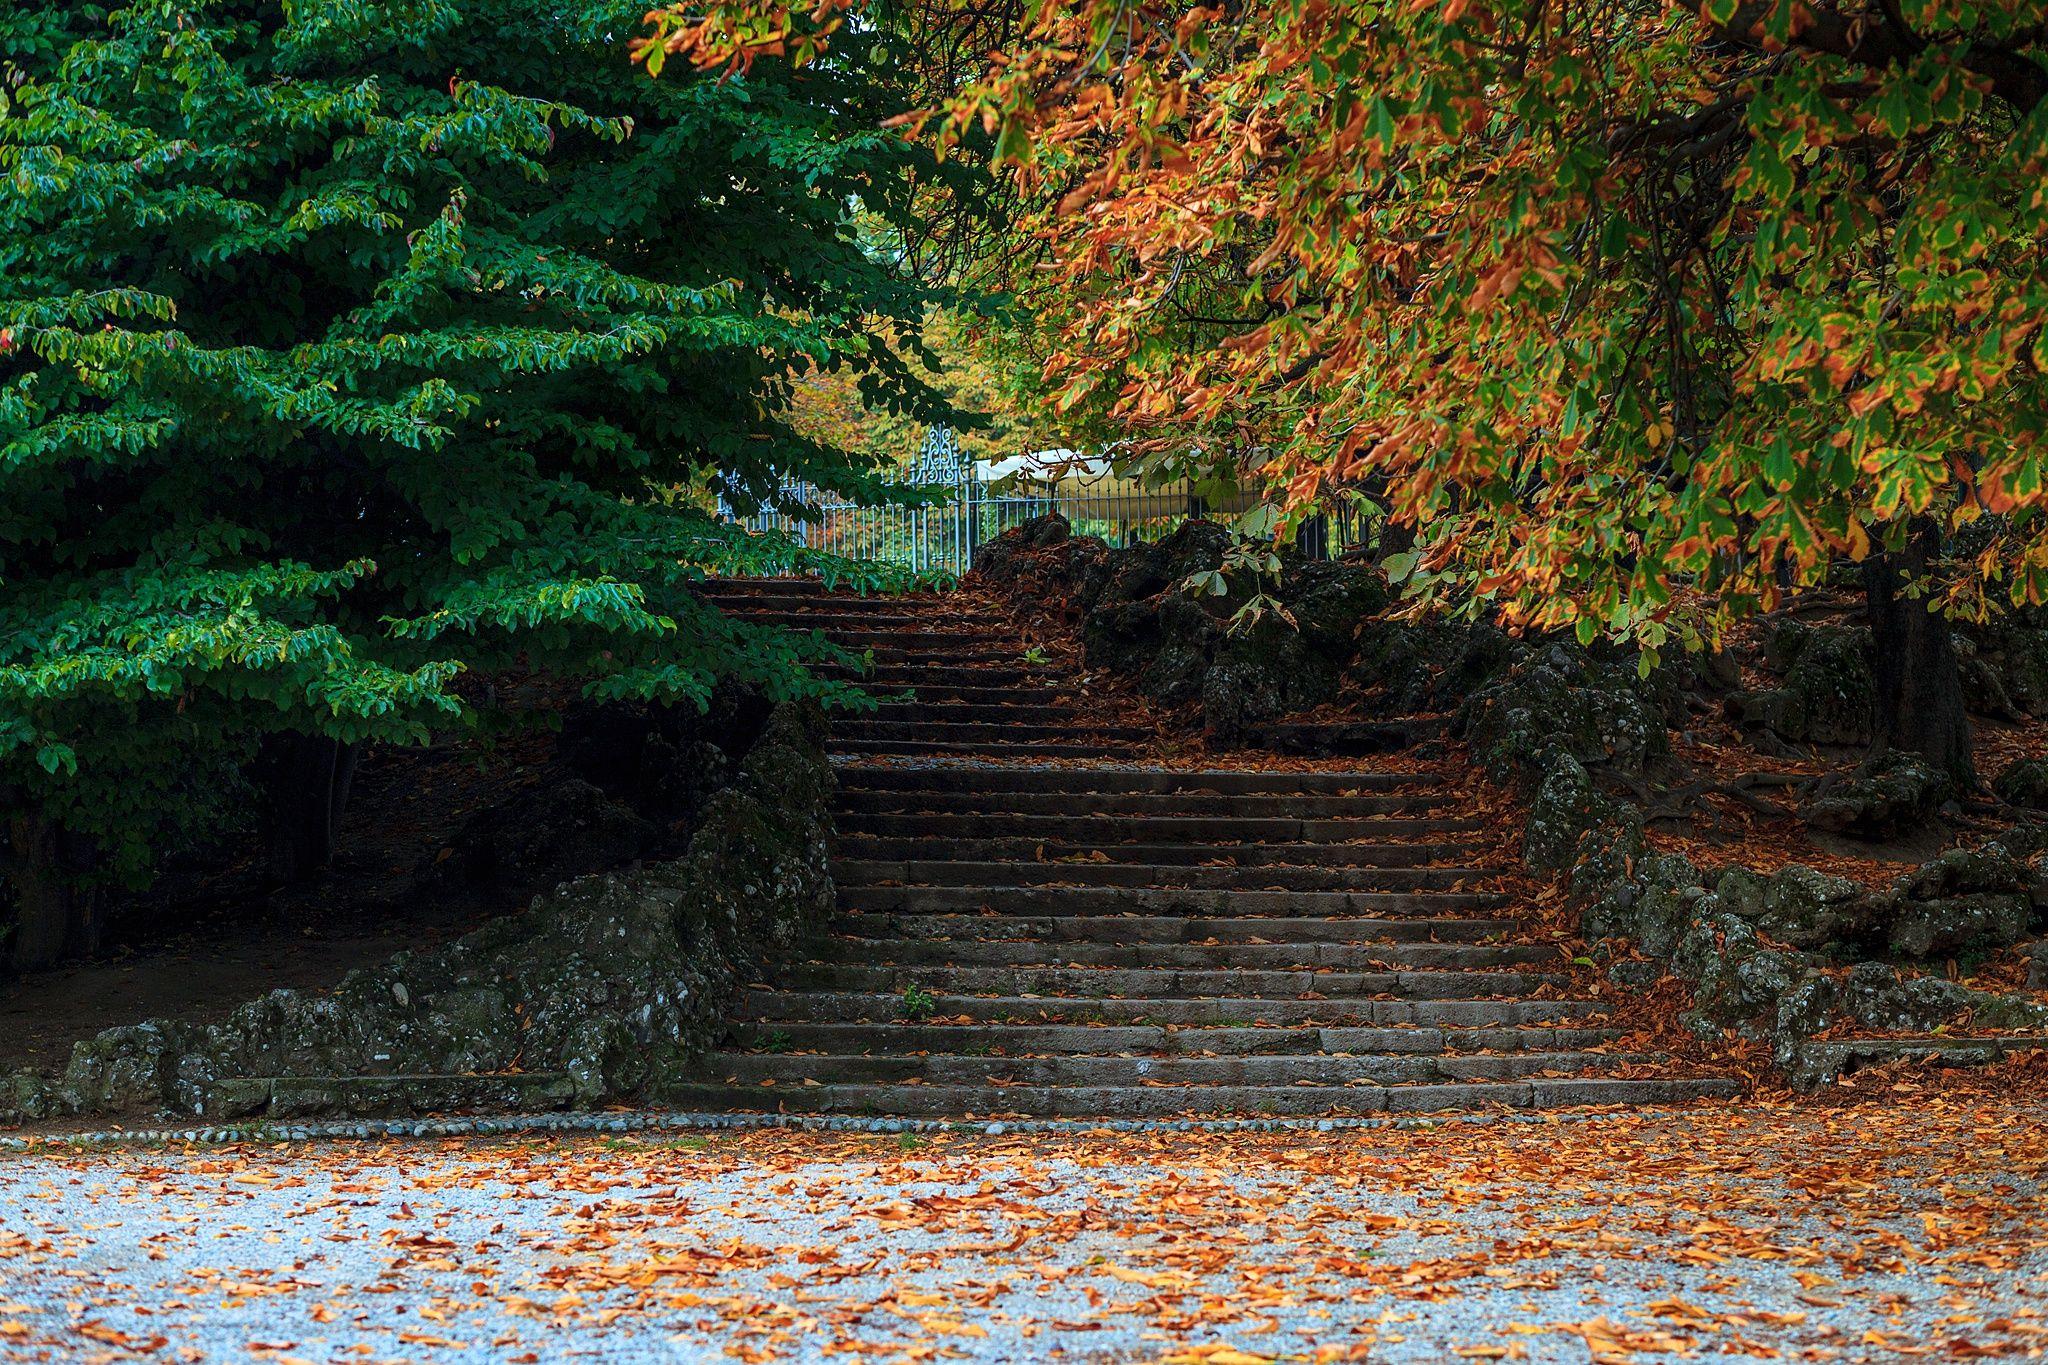 Giardini pubblici Indro Montanelli by Gaetano Cessati on